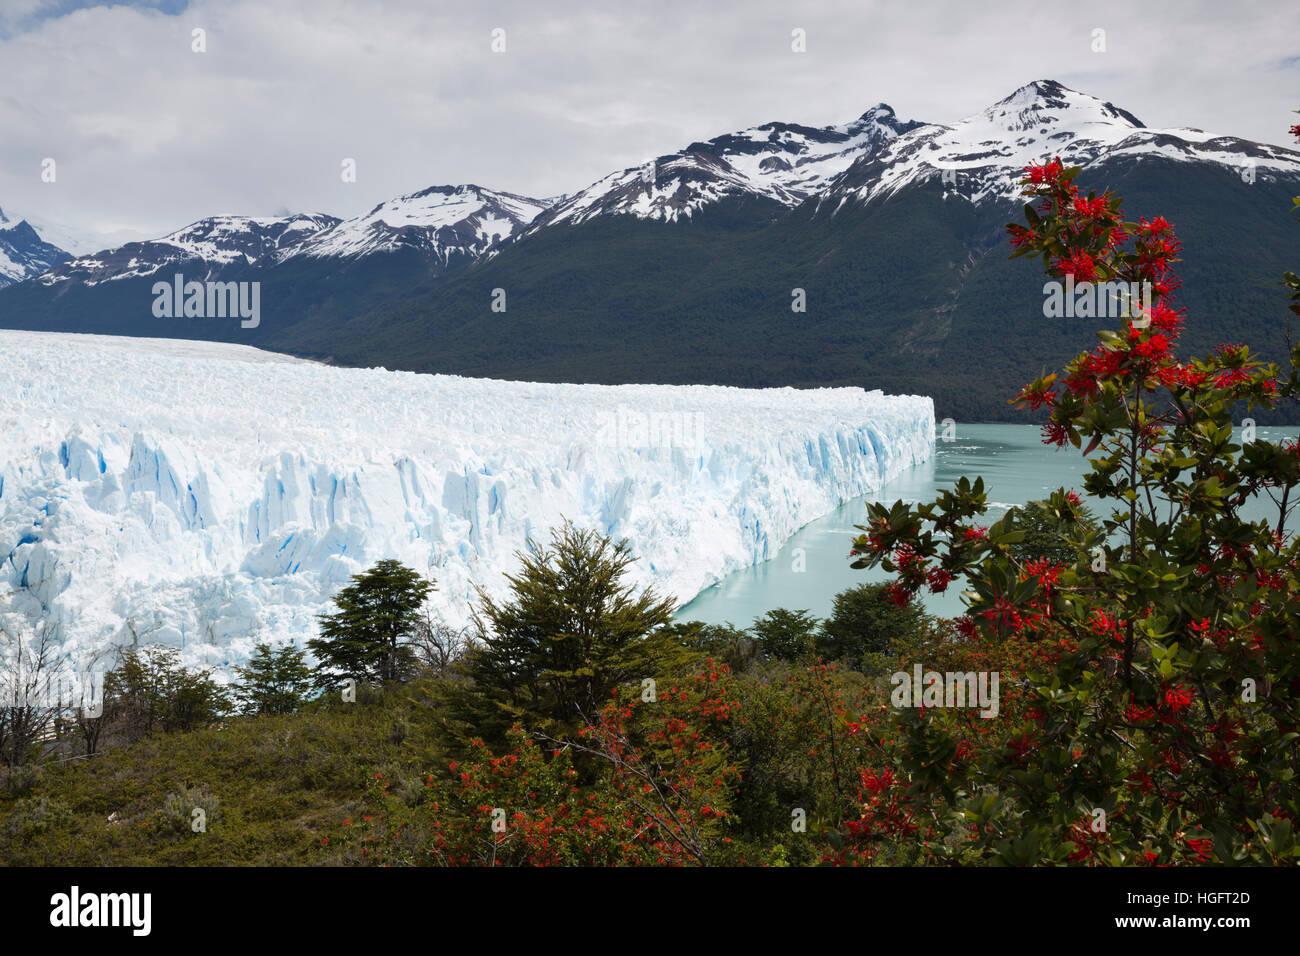 Glaciar Perito Moreno en el Lago Argentino, El Calafate, Parque Nacional Los Glaciares, Patagonia Argentina, Sudamérica Foto de stock